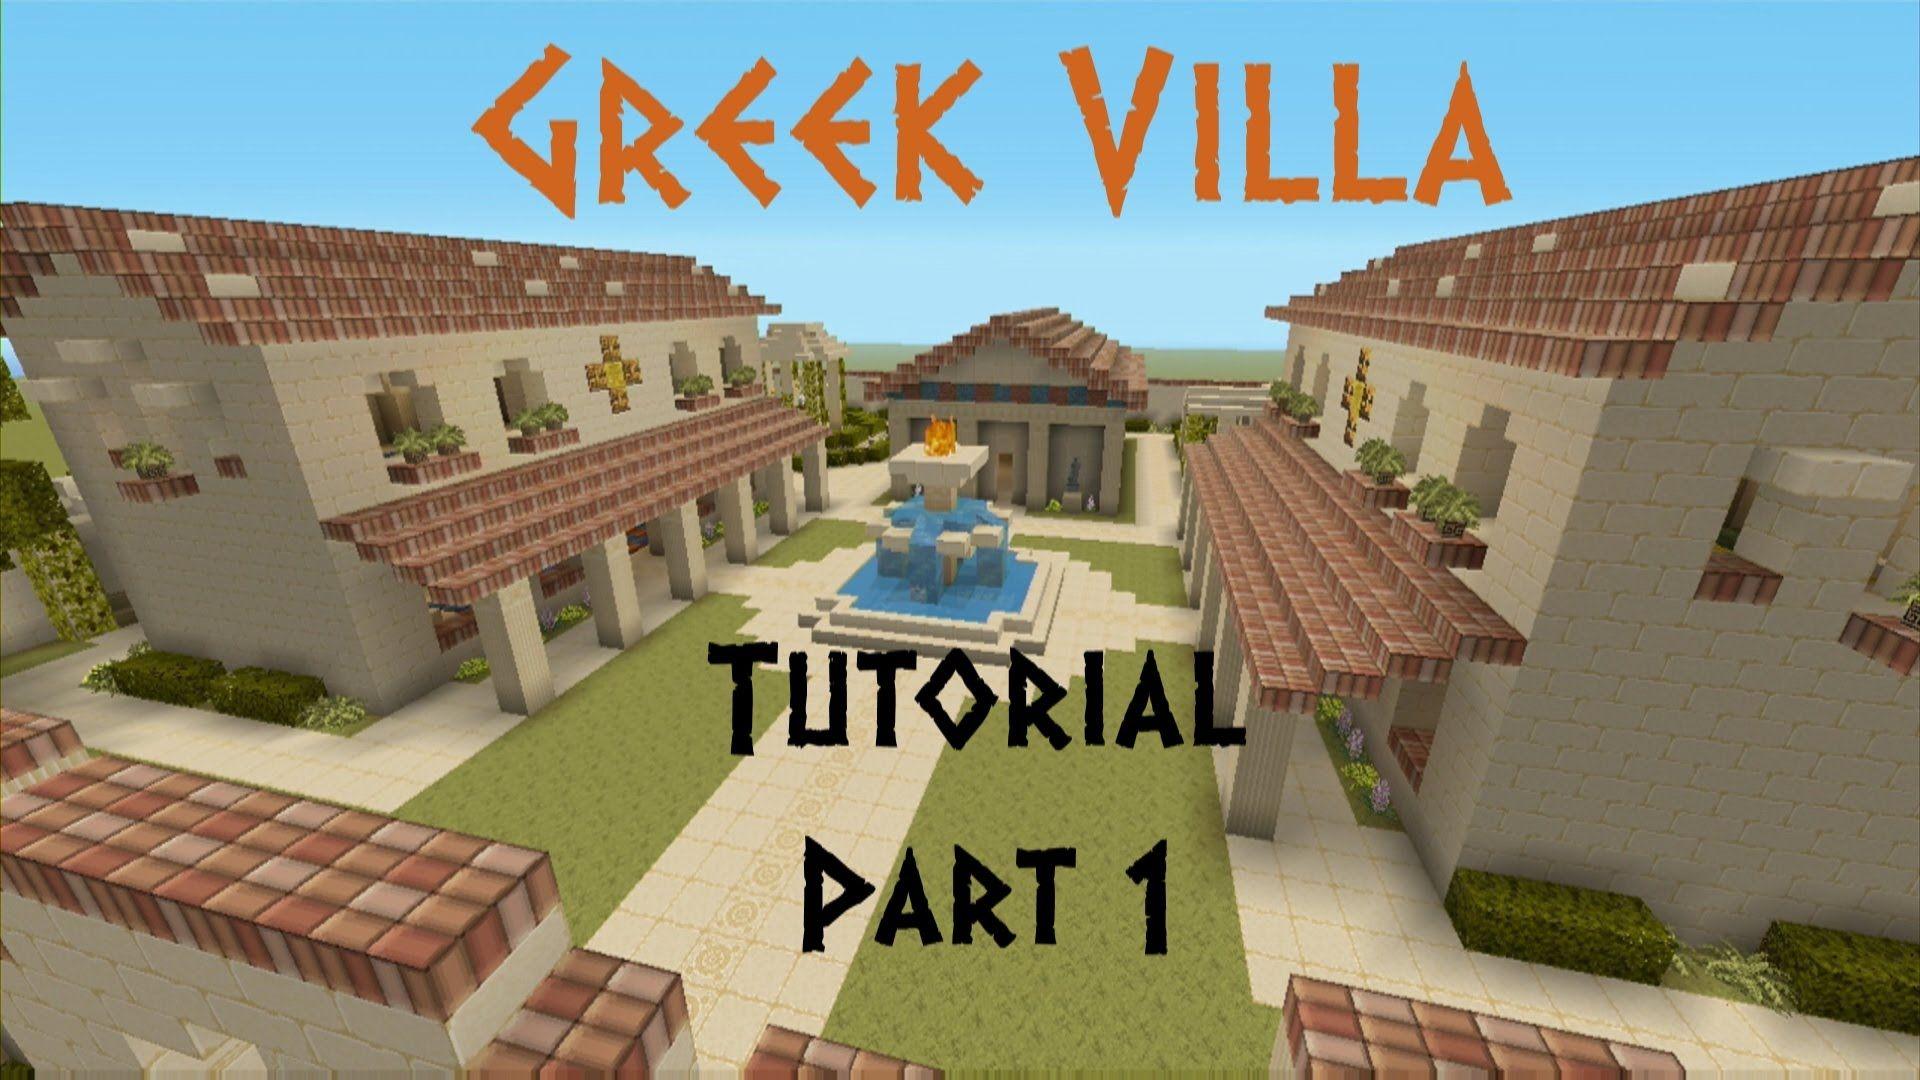 Pin By Ysl Ultd On Minecraft In 2020 Greek Villas Minecraft House Designs Minecraft